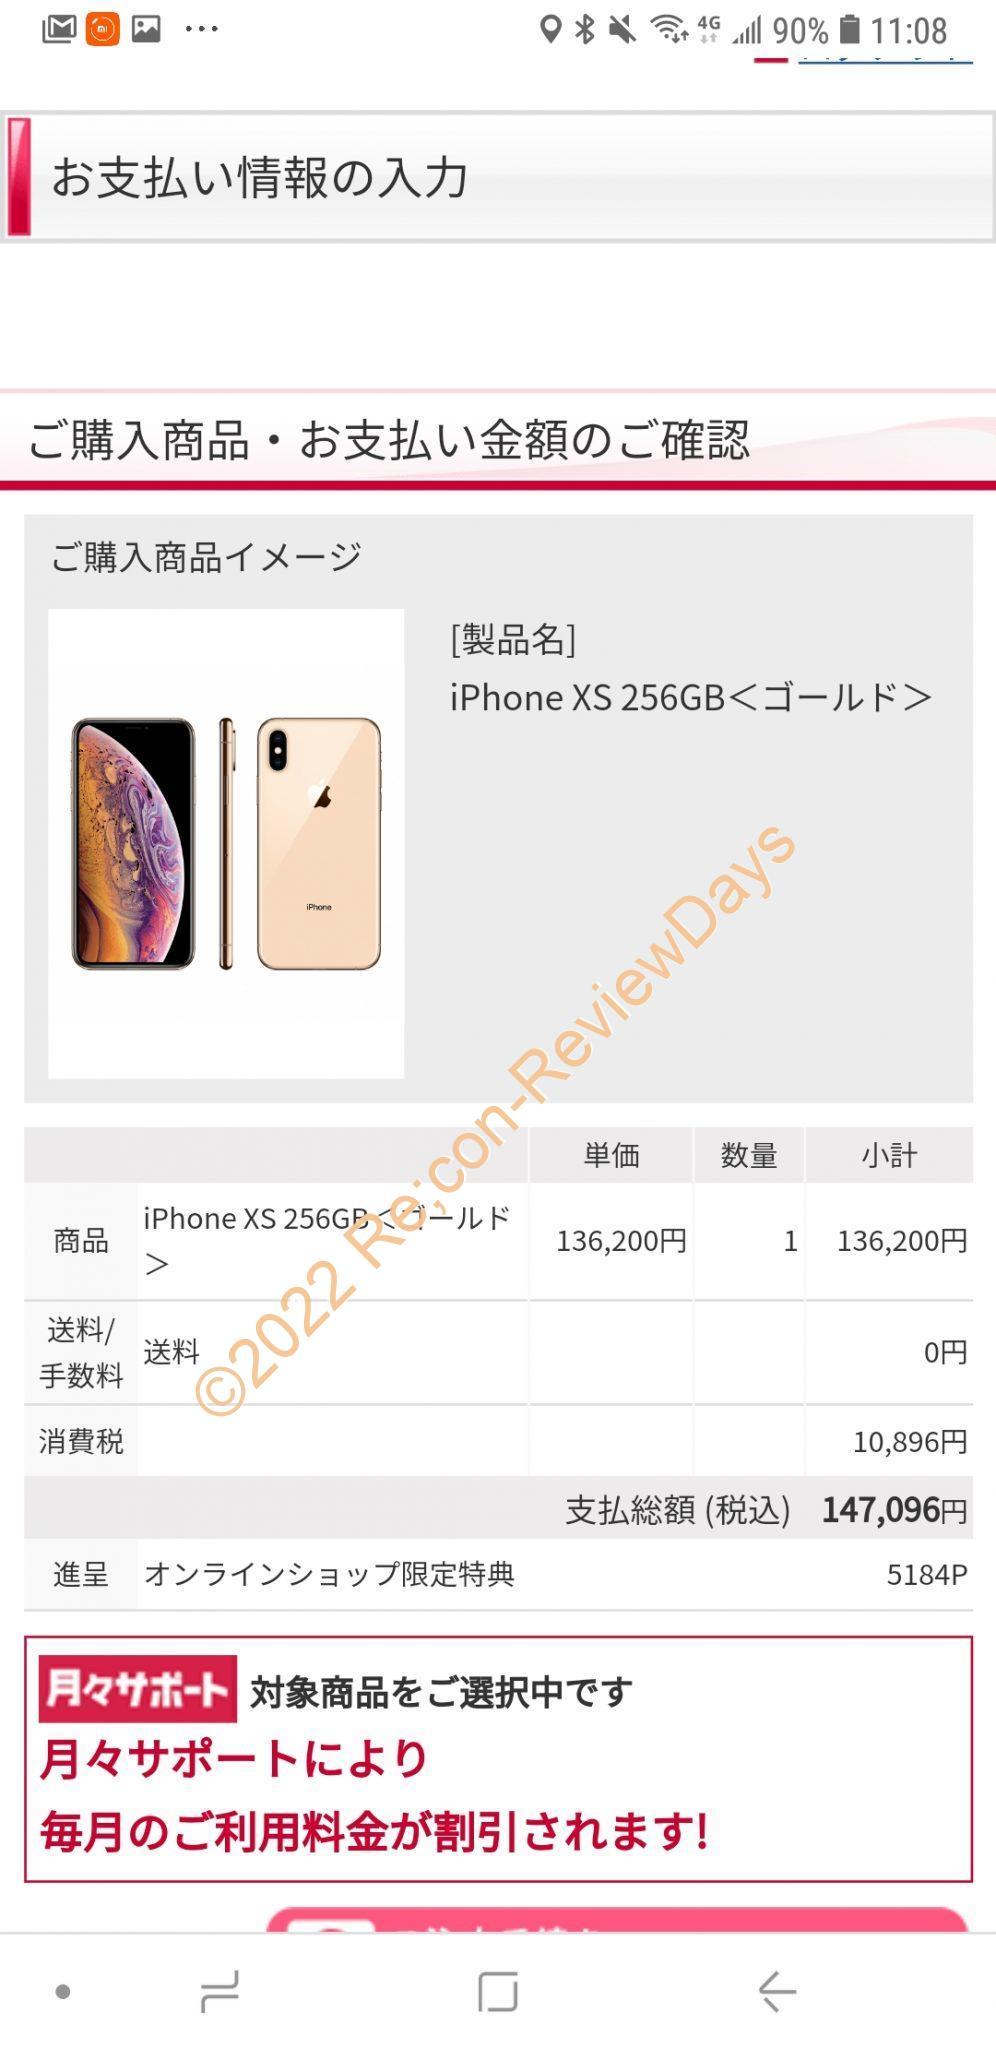 ドコモオンラインでiPhone Xsをdカードで購入しようとした時にたまたまロックが掛かって無事死亡 #docomo #ドコモオンラインショップ #Apple #iPhoneXs